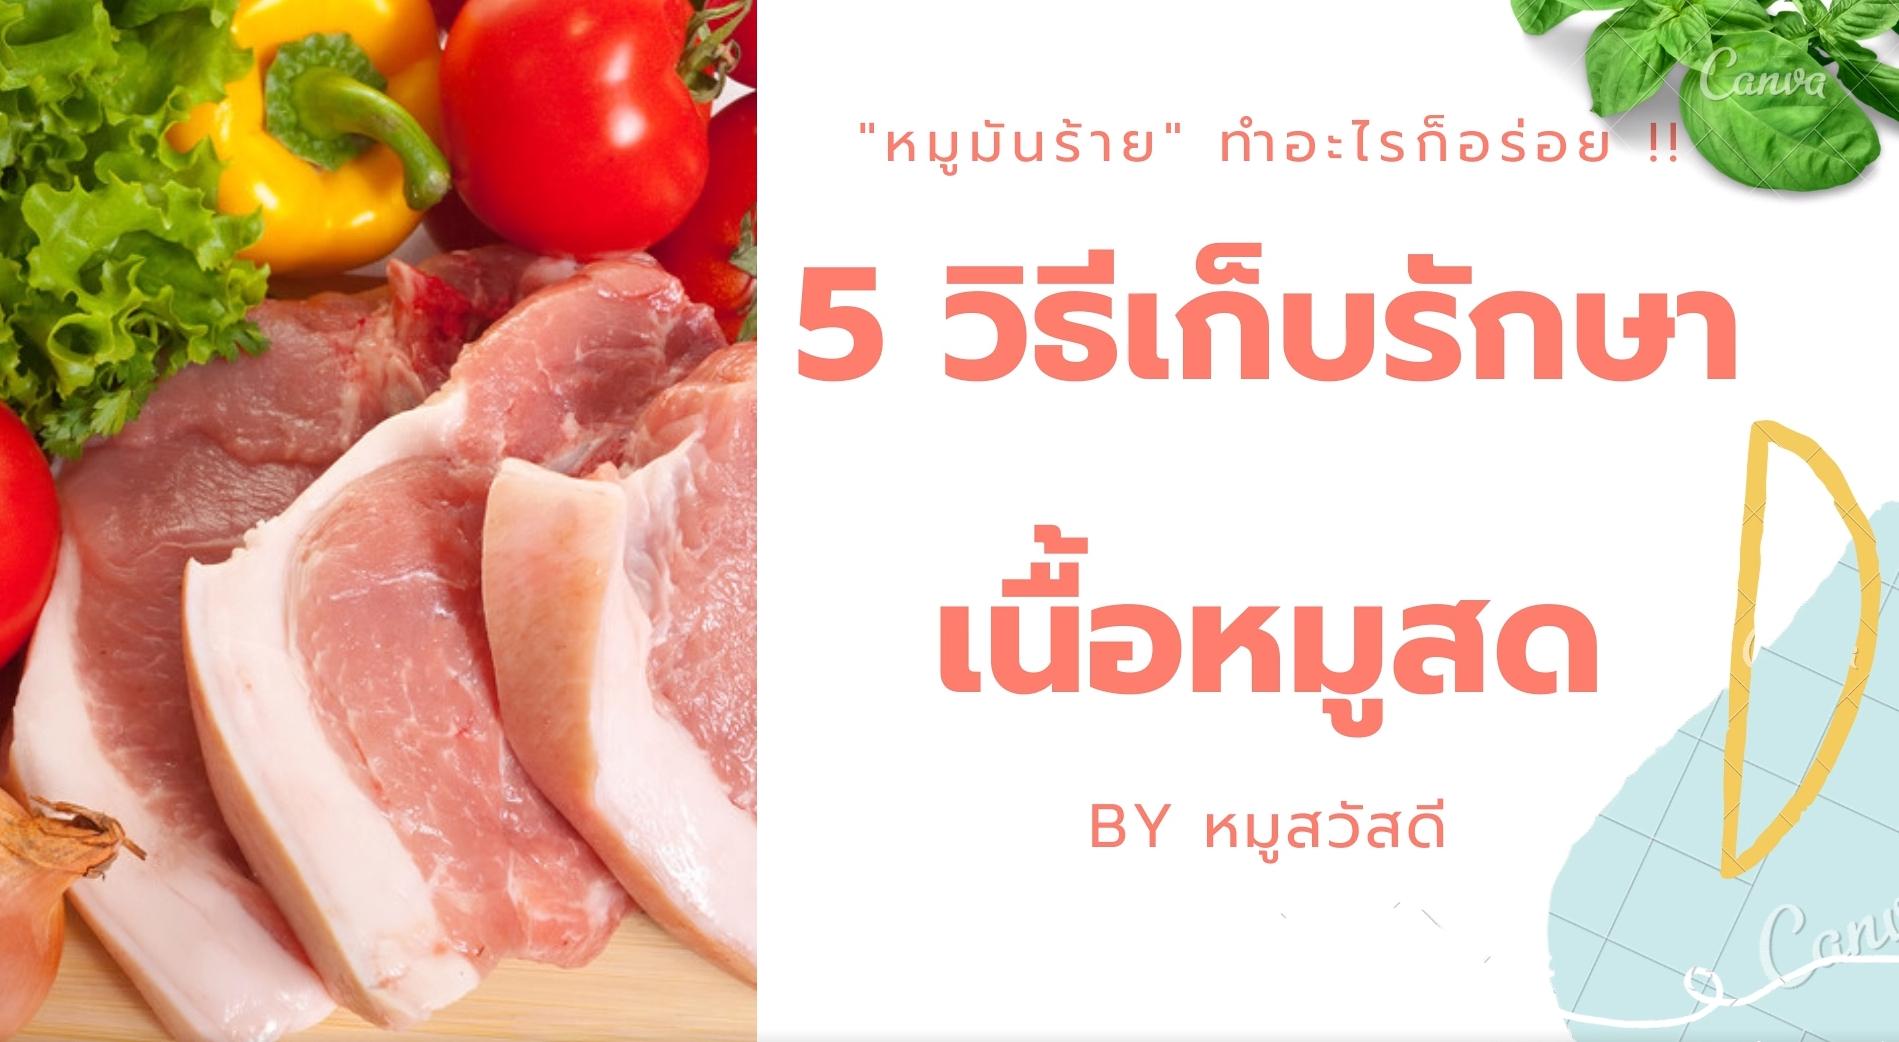 5 ขั้นตอนง่ายๆ การเก็บรักษาเนื้อหมูสด เพื่อสุขอนามัยที่ดี